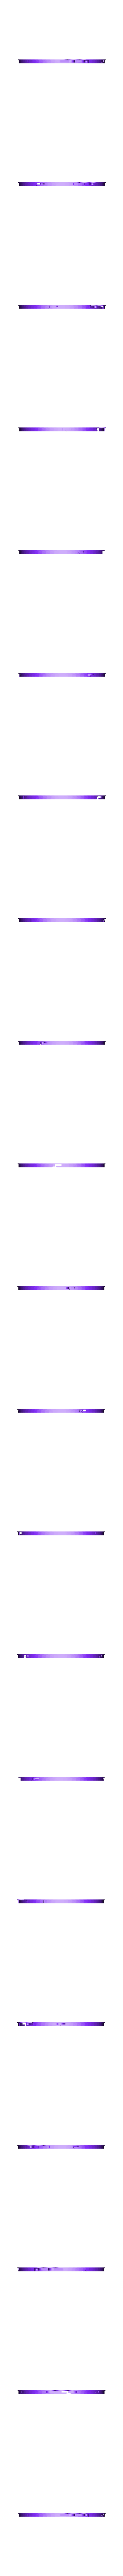 BASE SOCLE.STL Download free STL file Raspberry Pi case • 3D print object, YAN-D